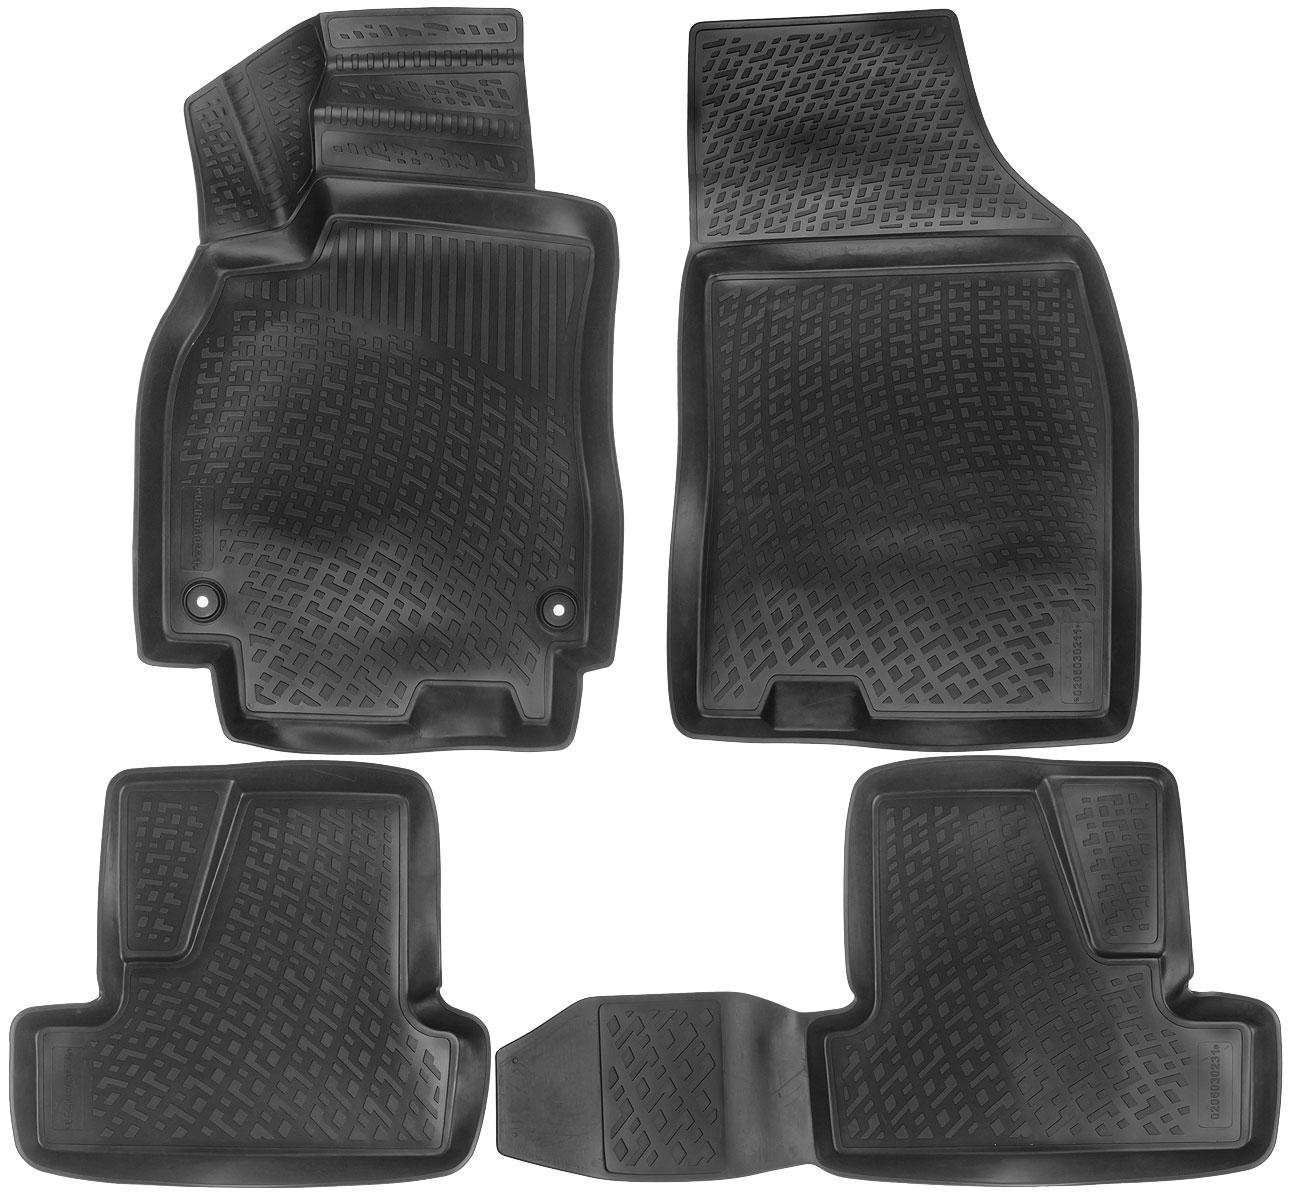 Набор автомобильных ковриков L.Locker Renault Megane III hb 2008, в салон, 4 шт0206030201Набор L.Locker Renault Megane III hb 2008, изготовленный из полиуретана, состоит из 4 антискользящих 3D ковриков, которые производятся индивидуально для каждой модели автомобиля. Изделие точно повторяет геометрию пола автомобиля, имеет высокий борт, обладает повышенной износоустойчивостью, лишено резкого запаха и сохраняет свои потребительские свойства в широком диапазоне температур от -50°С до +50°С. Набор подходит для автомобилей с 2008 года выпуска. Комплектация: 4 шт.Размер ковриков: 87 см х 57 см; 55 см х 50 см; 92 см х 50 см; 91 см х 57 см.